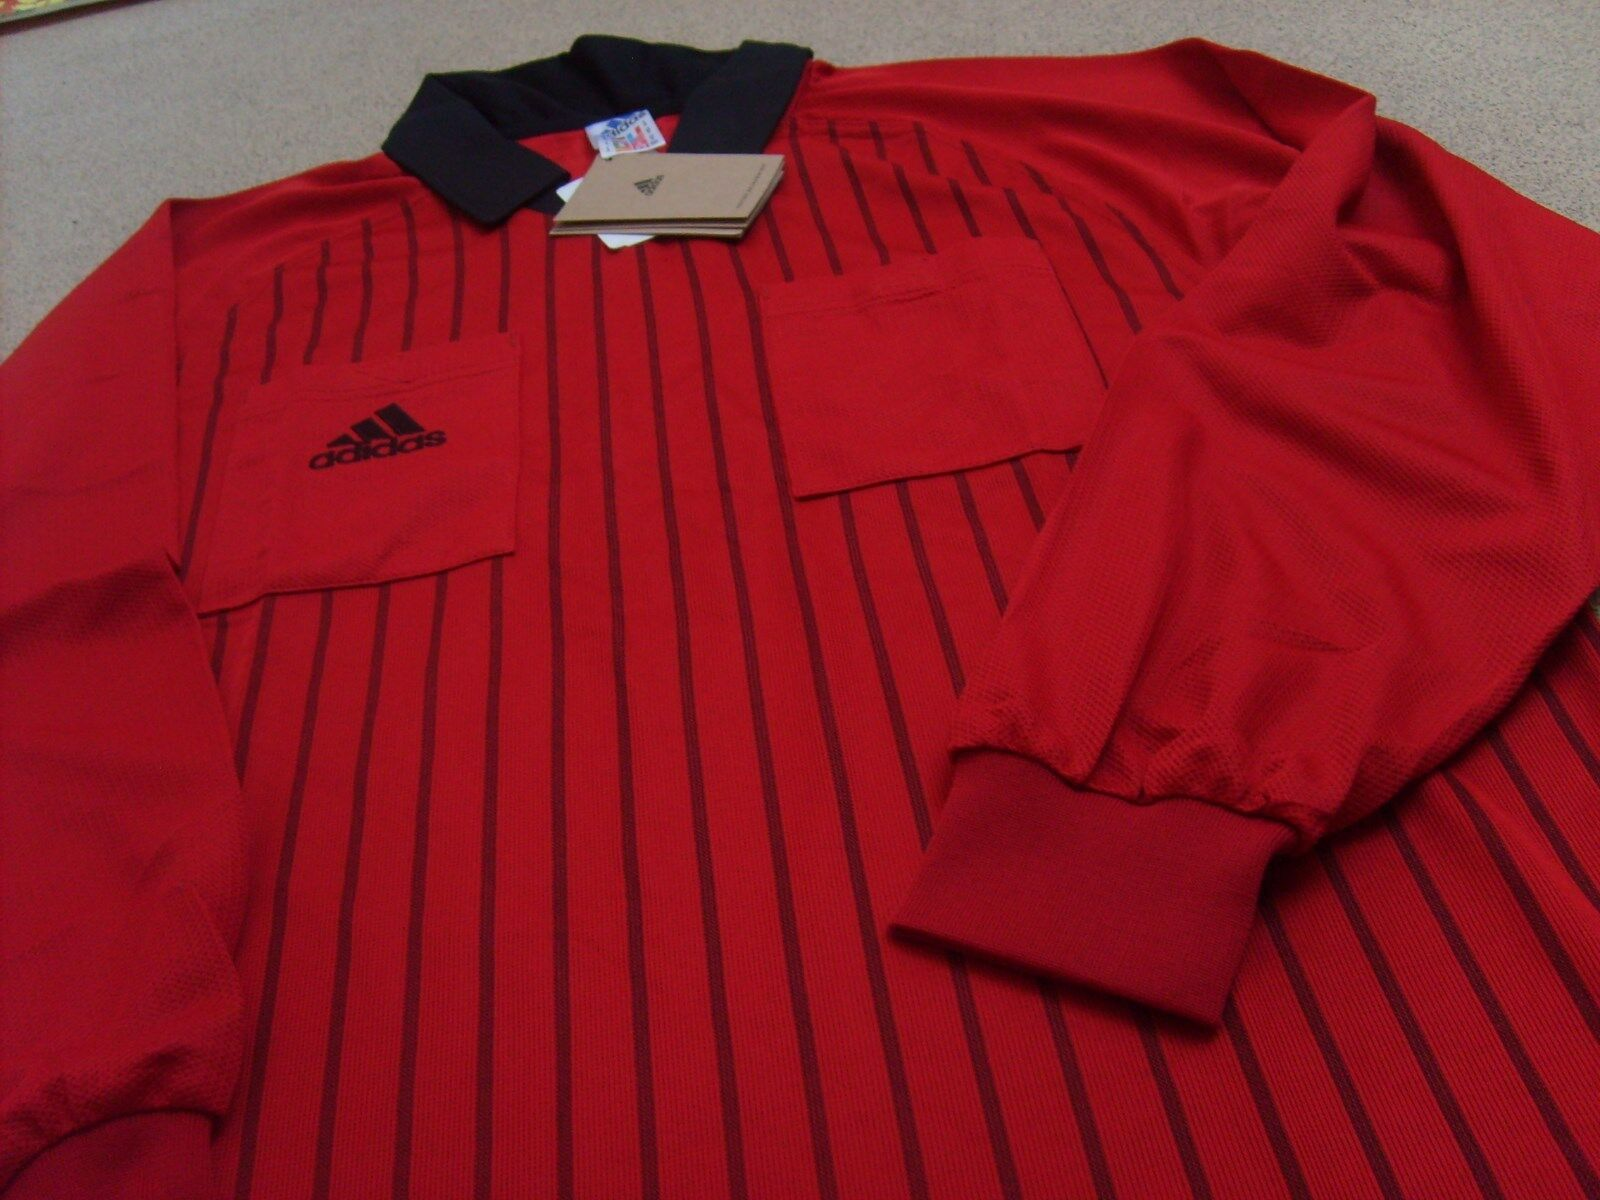 Eredeti Adidas Férfi Világkupa Franciaország 1998 Labdarúgó Játékvezető Póló, Méret: M, L